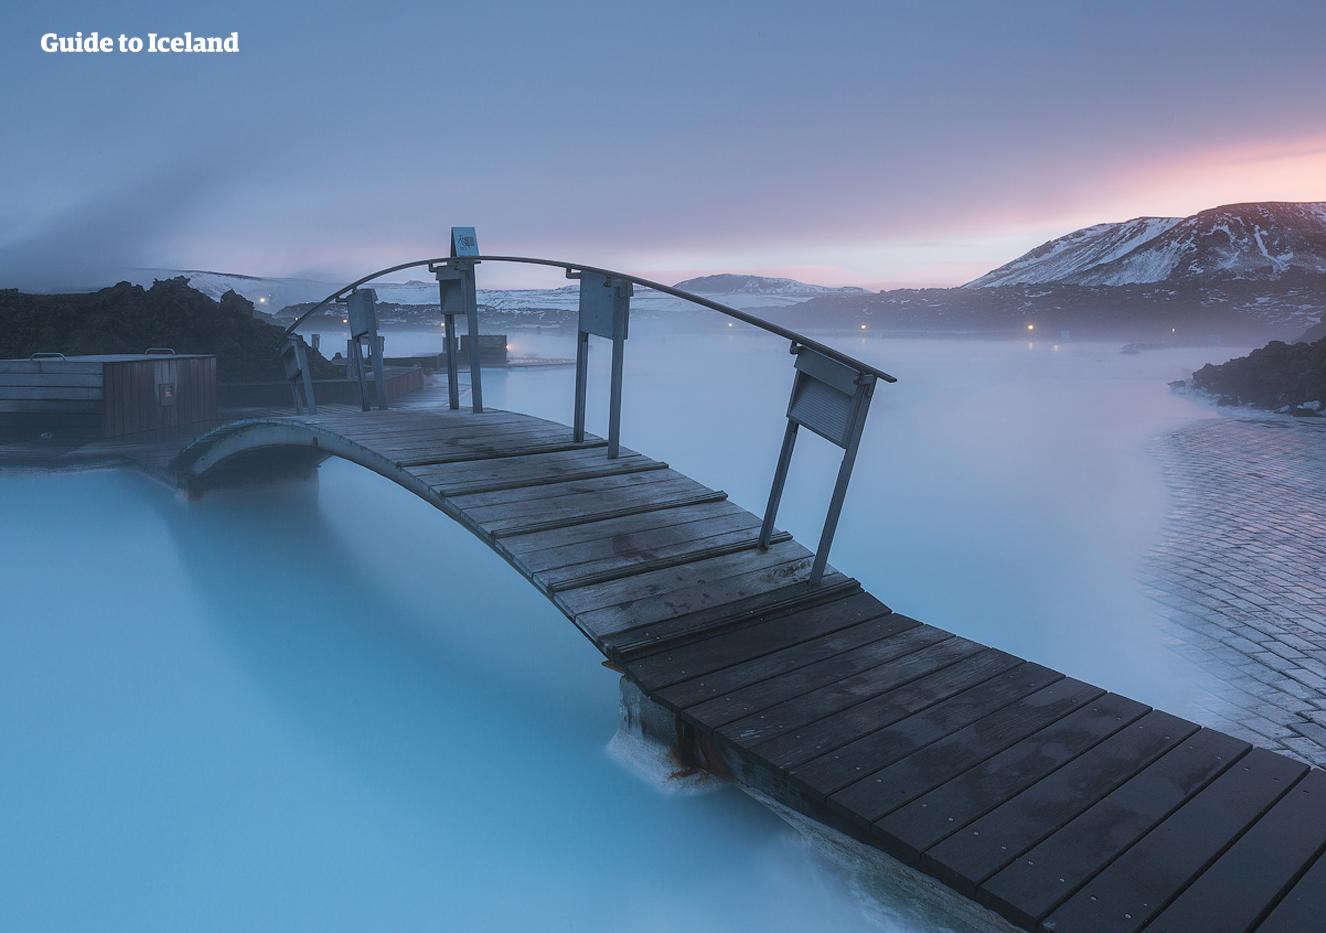 Antes de volar a casa o a otro destino, el spa de la Laguna Azul en la Península de Reykjanes ofrece una gran oportunidad para recargar energías.